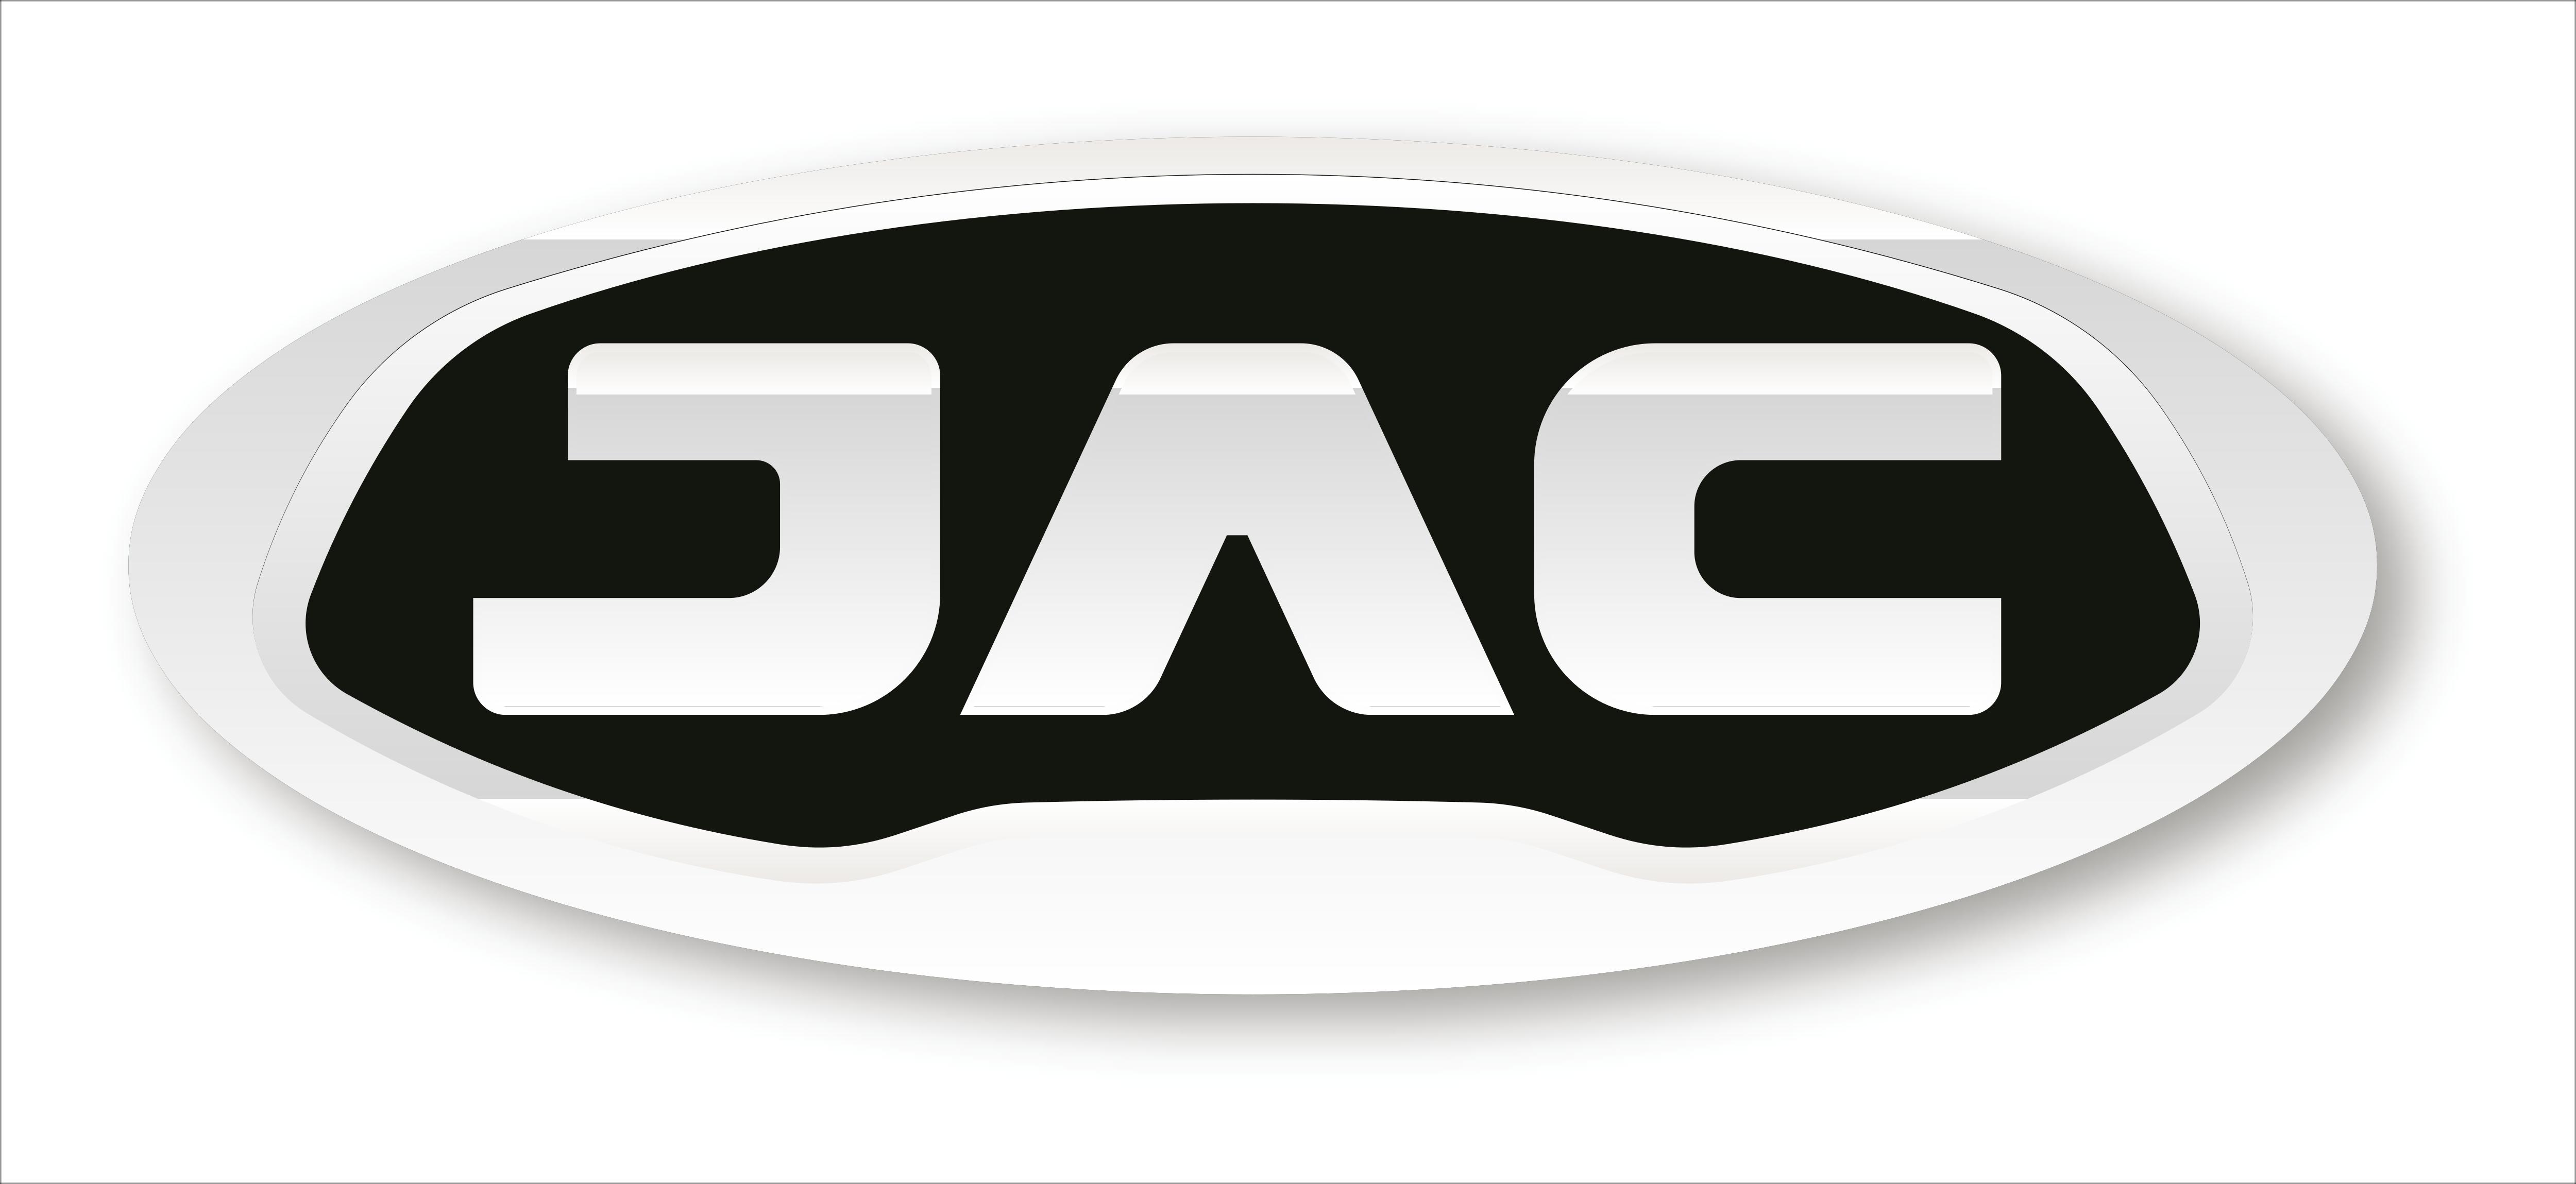 jac motors � logos download